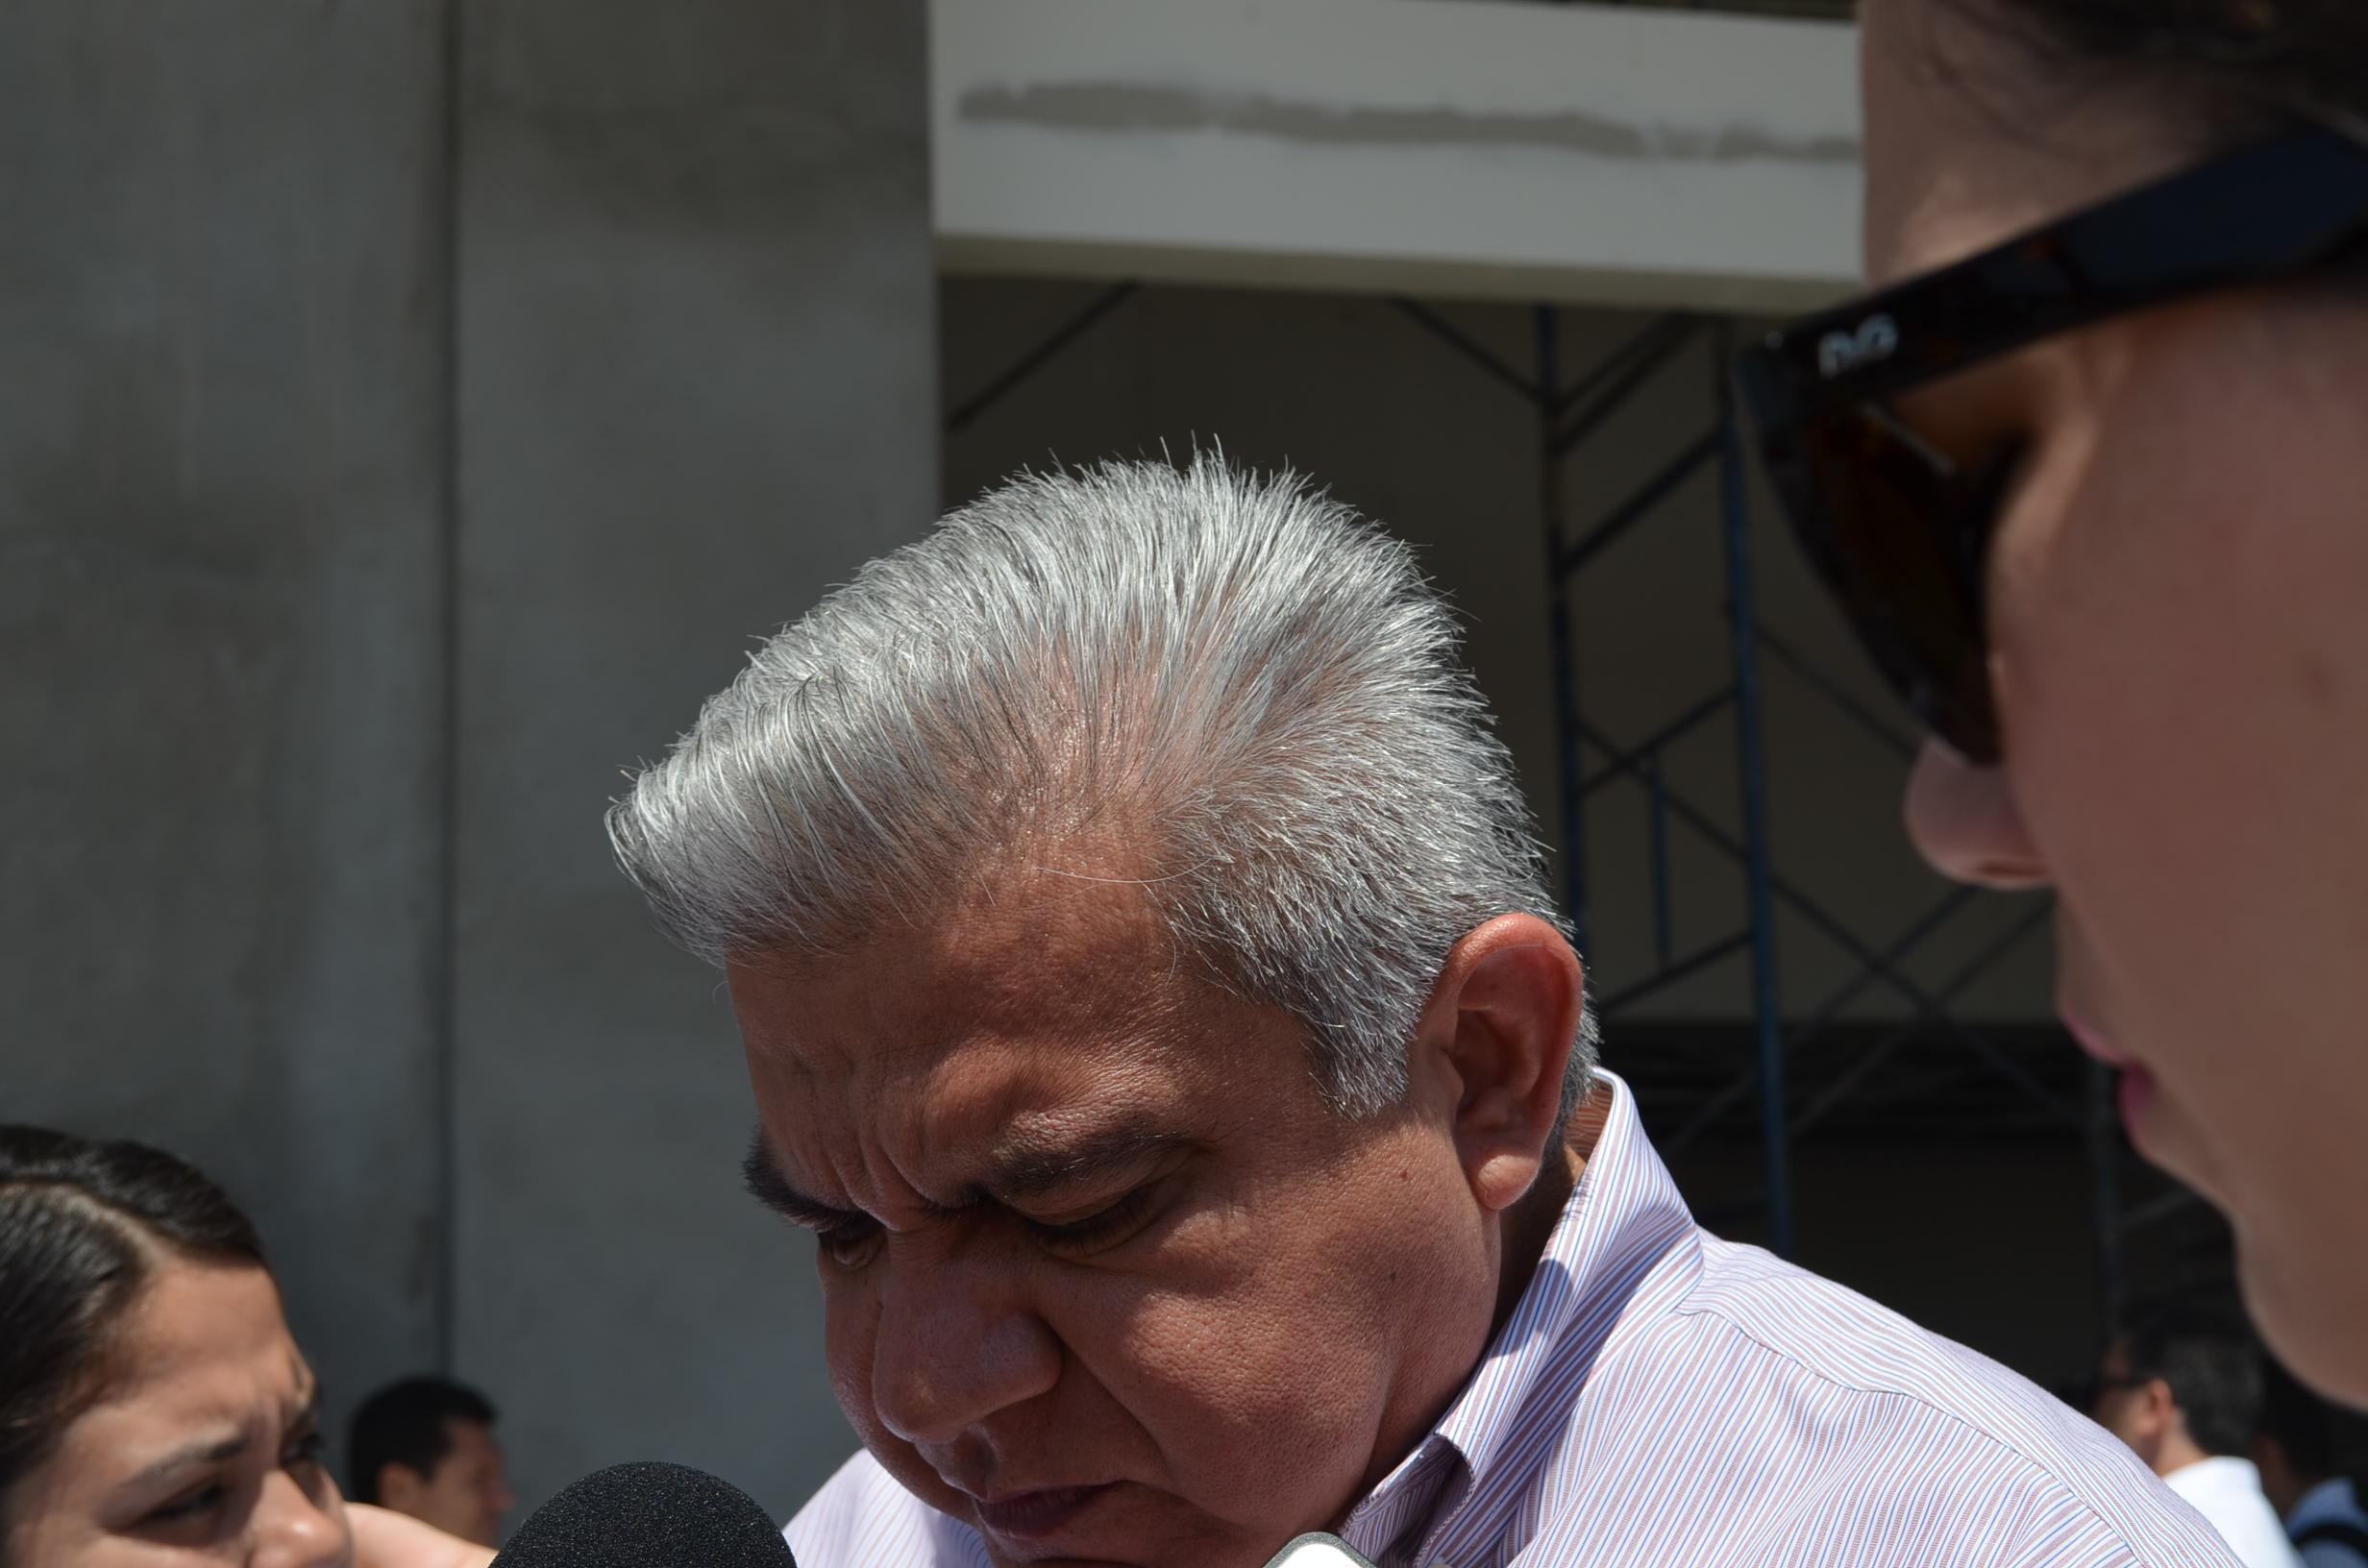 Procurador Marco Antonio Higuera Gómez. Fotografía: Gabriela Sánchez